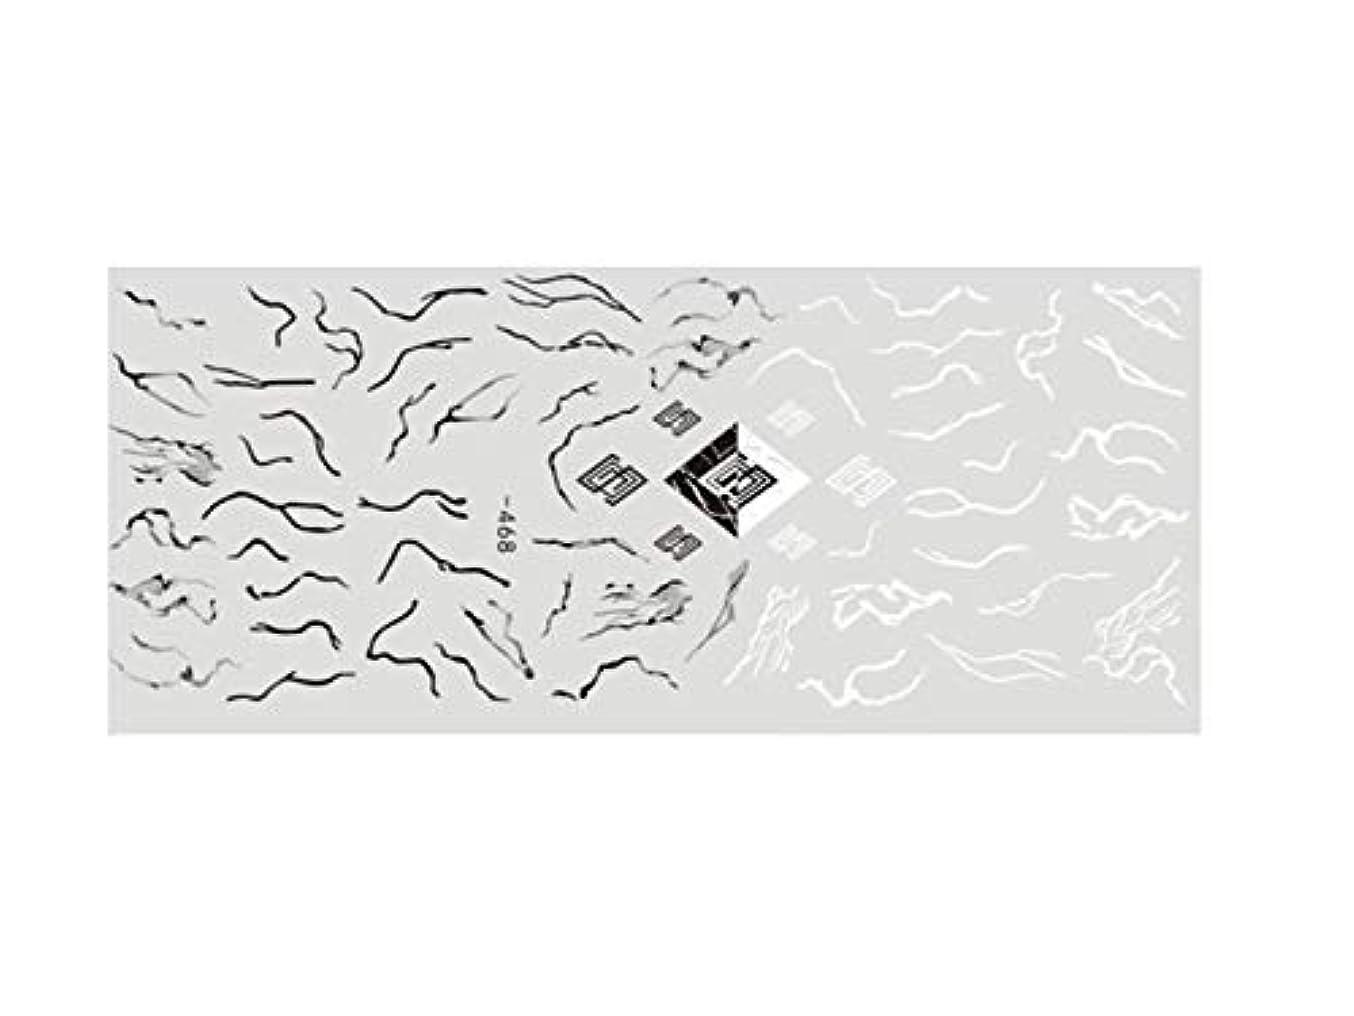 無し暗唱する太鼓腹Osize ファッションカラフルな花ネイルアートステッカー水転送ネイルステッカーネイルアクセサリー(ピンク)